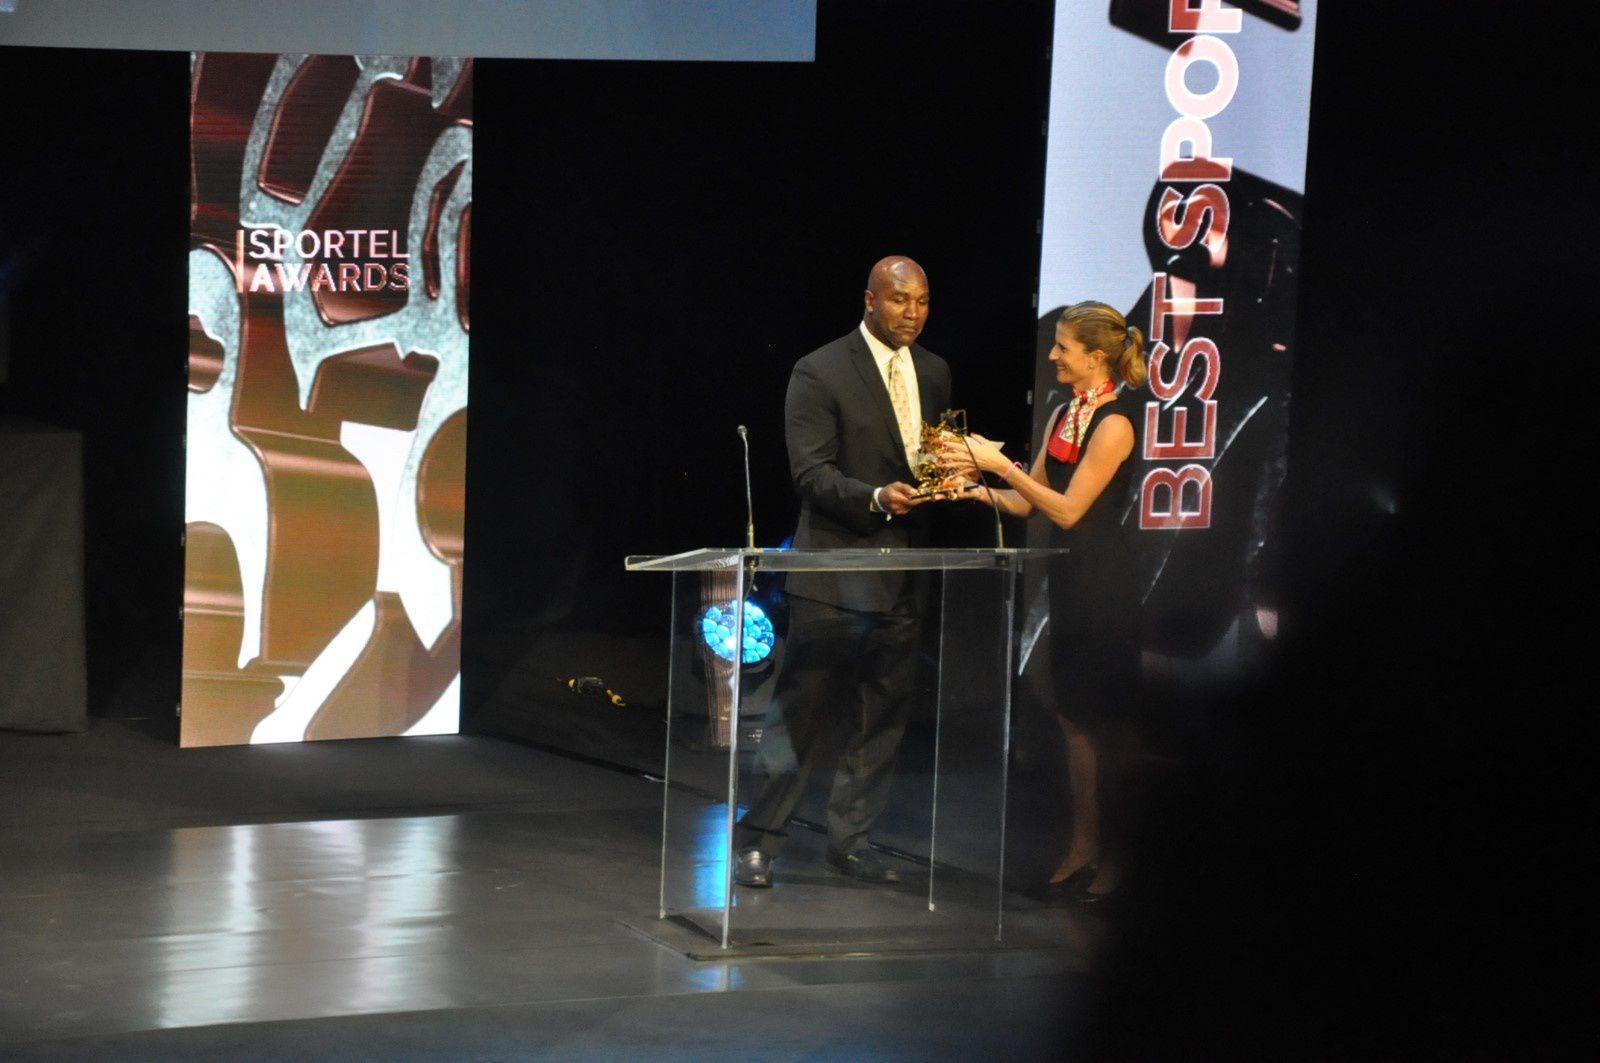 """Prix du Public L'Equipe 21 """"Best of FISE World Montpellier 2015"""", Vincent Biraud, Hurricane Action Sports (France)"""